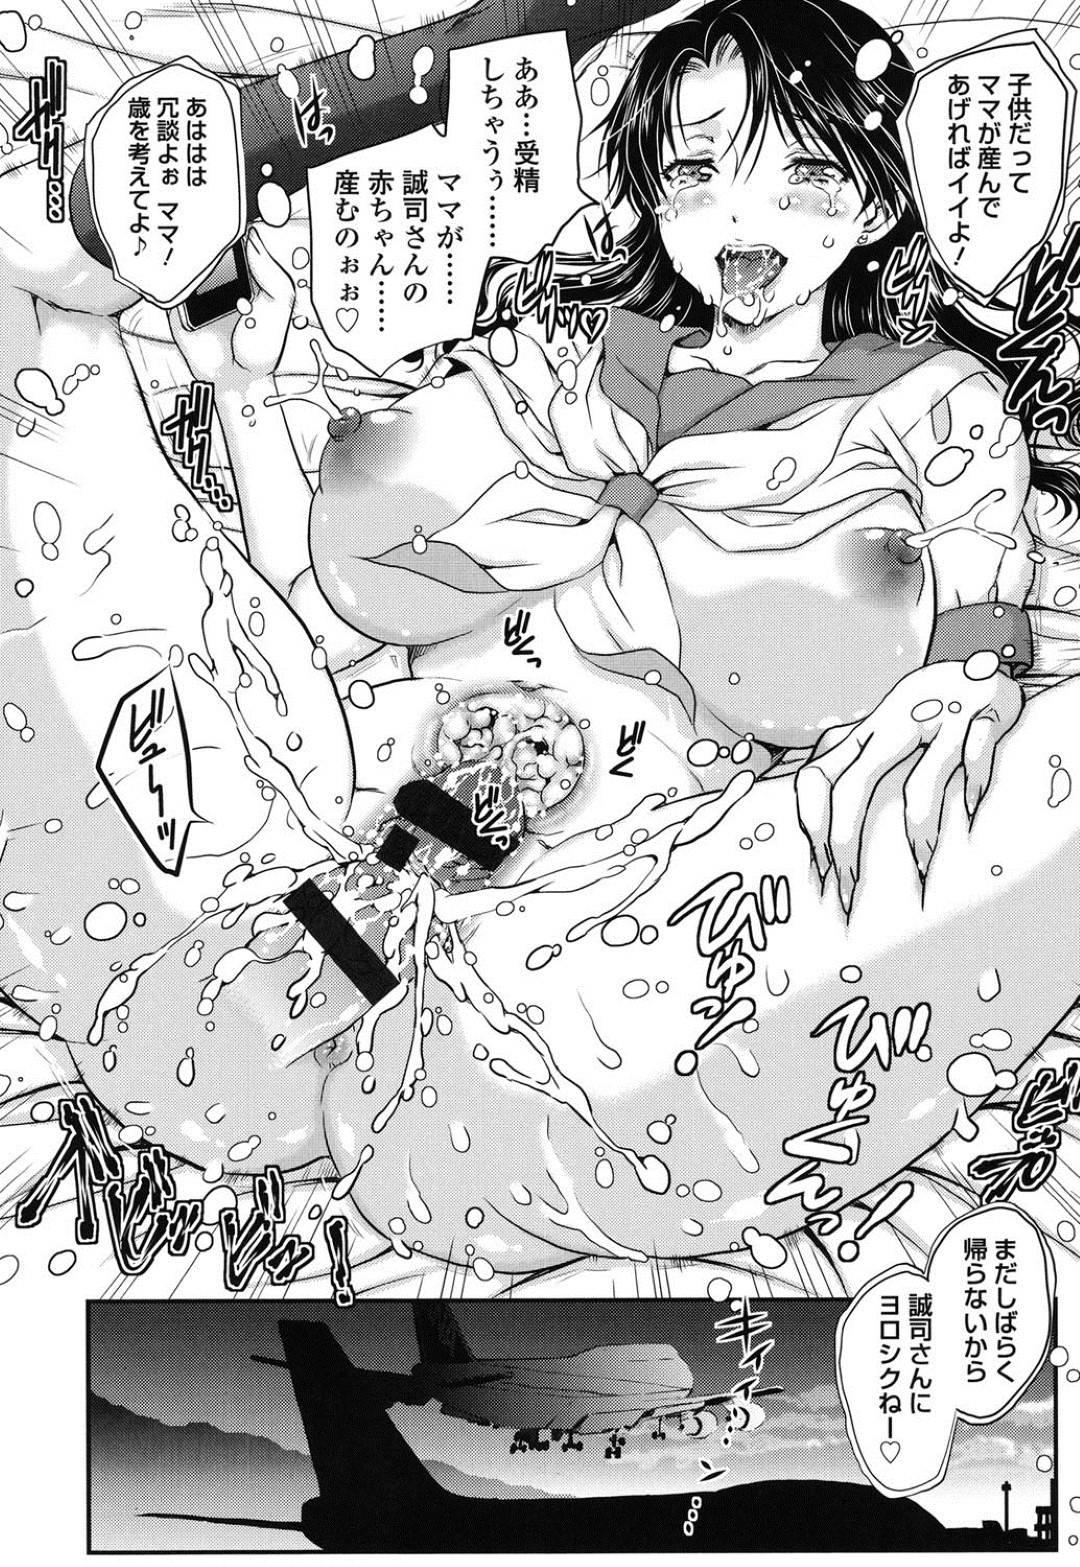 【エロ漫画】快楽堕ちして浮気しちゃっている義理の母…バックの中出しセックスでど変態なトロ顔になってイチャイチャしちゃう!【飛龍乱:蜜ノ月3】